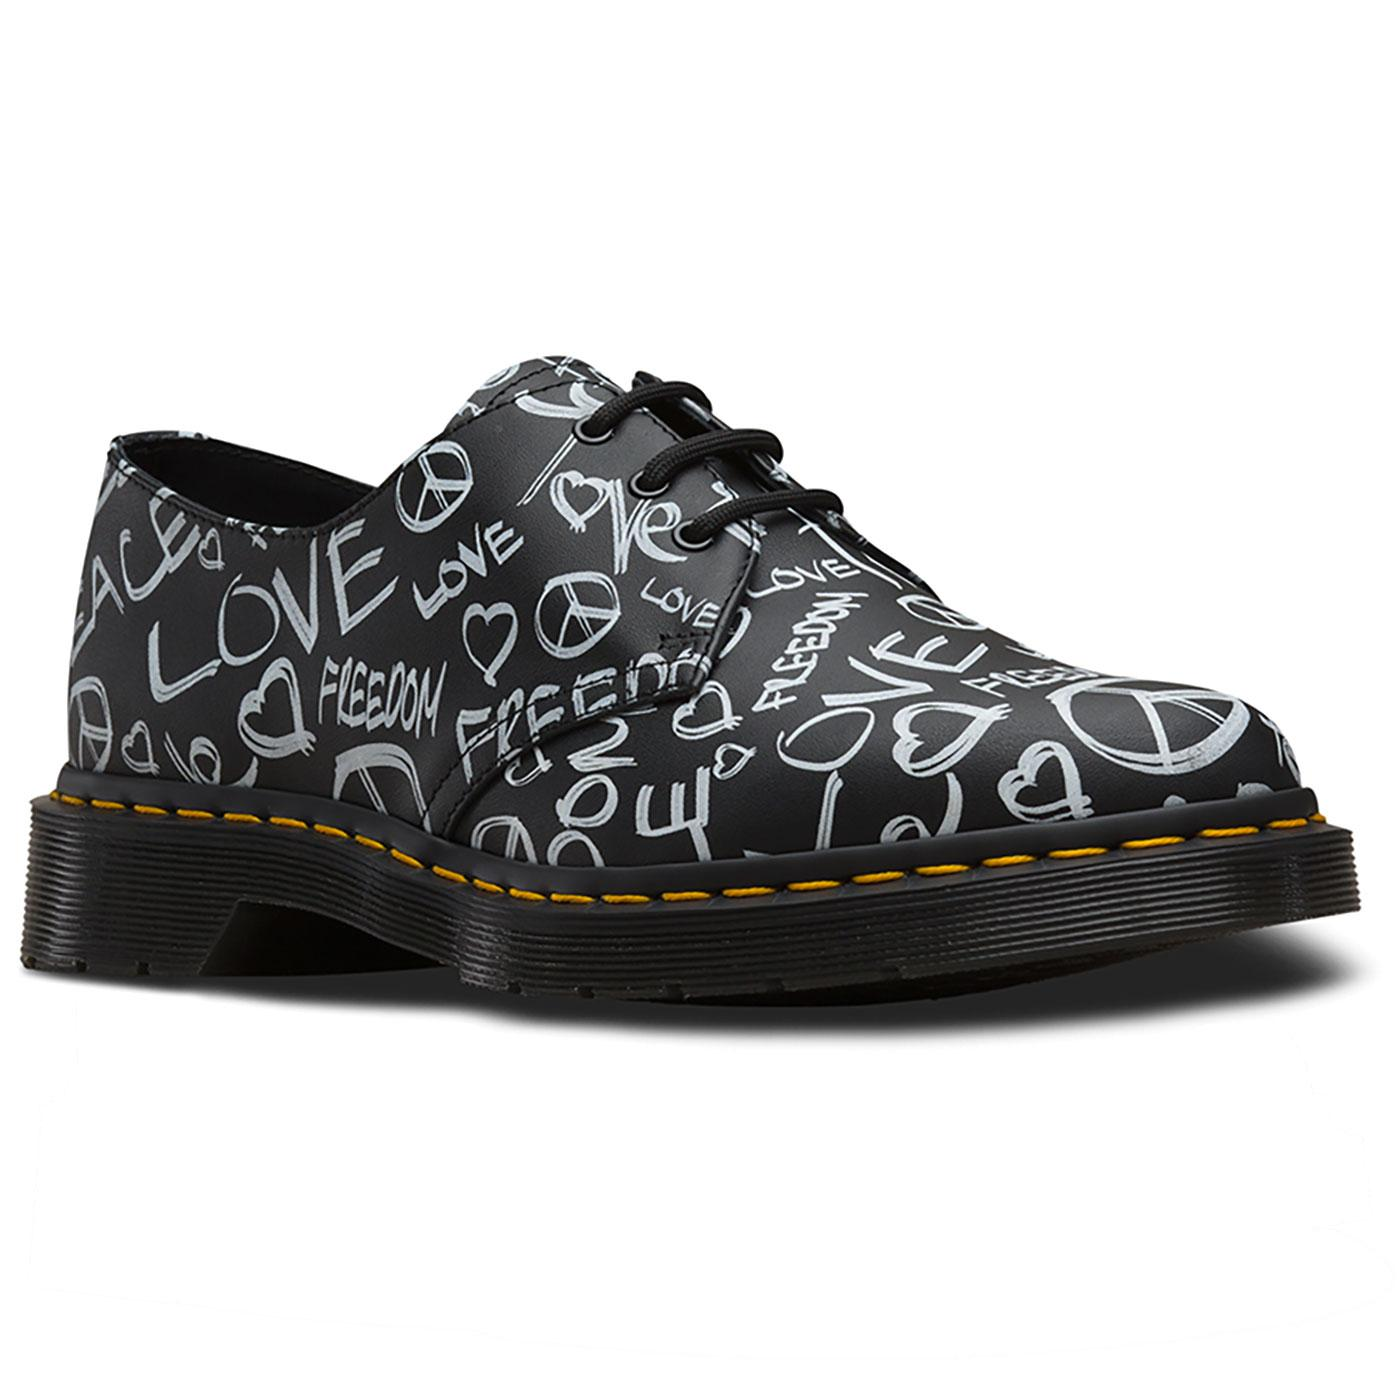 1461 Script DR MARTENS Mens 60's Protest Shoes B